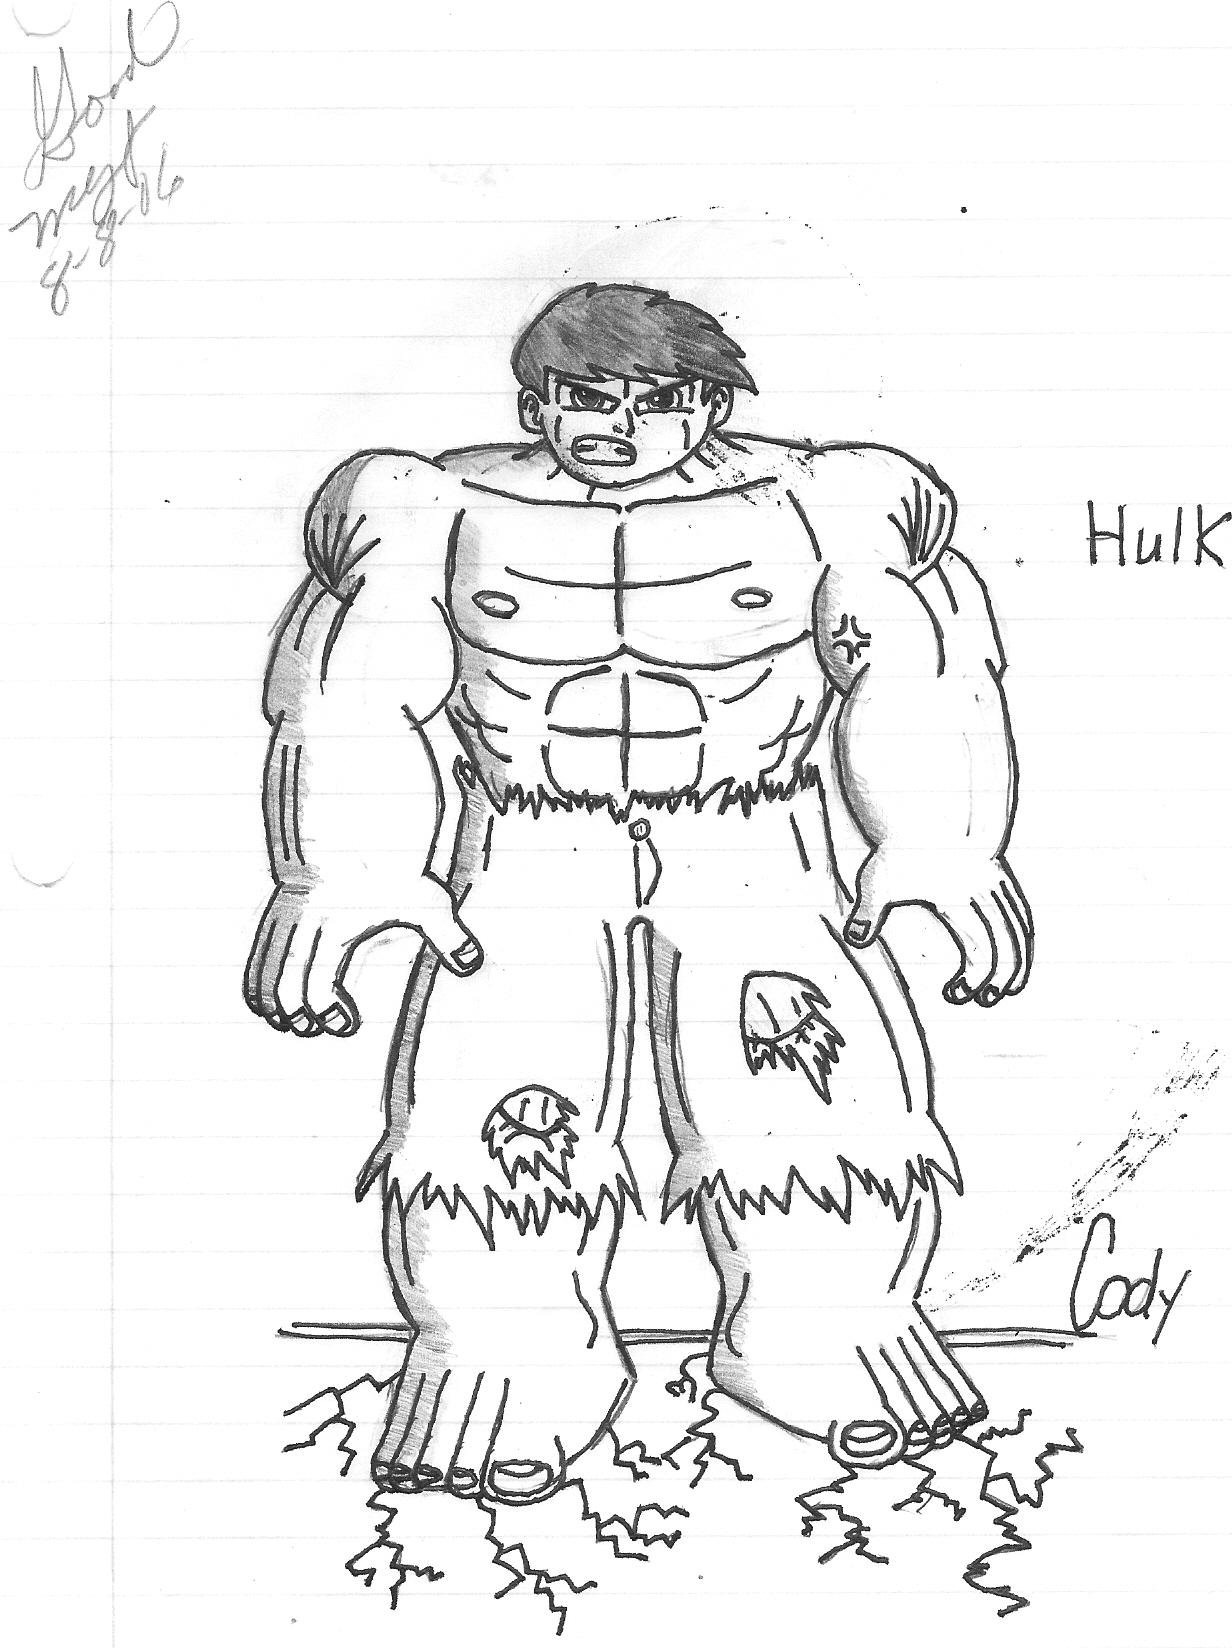 The Hulk by Animerocker